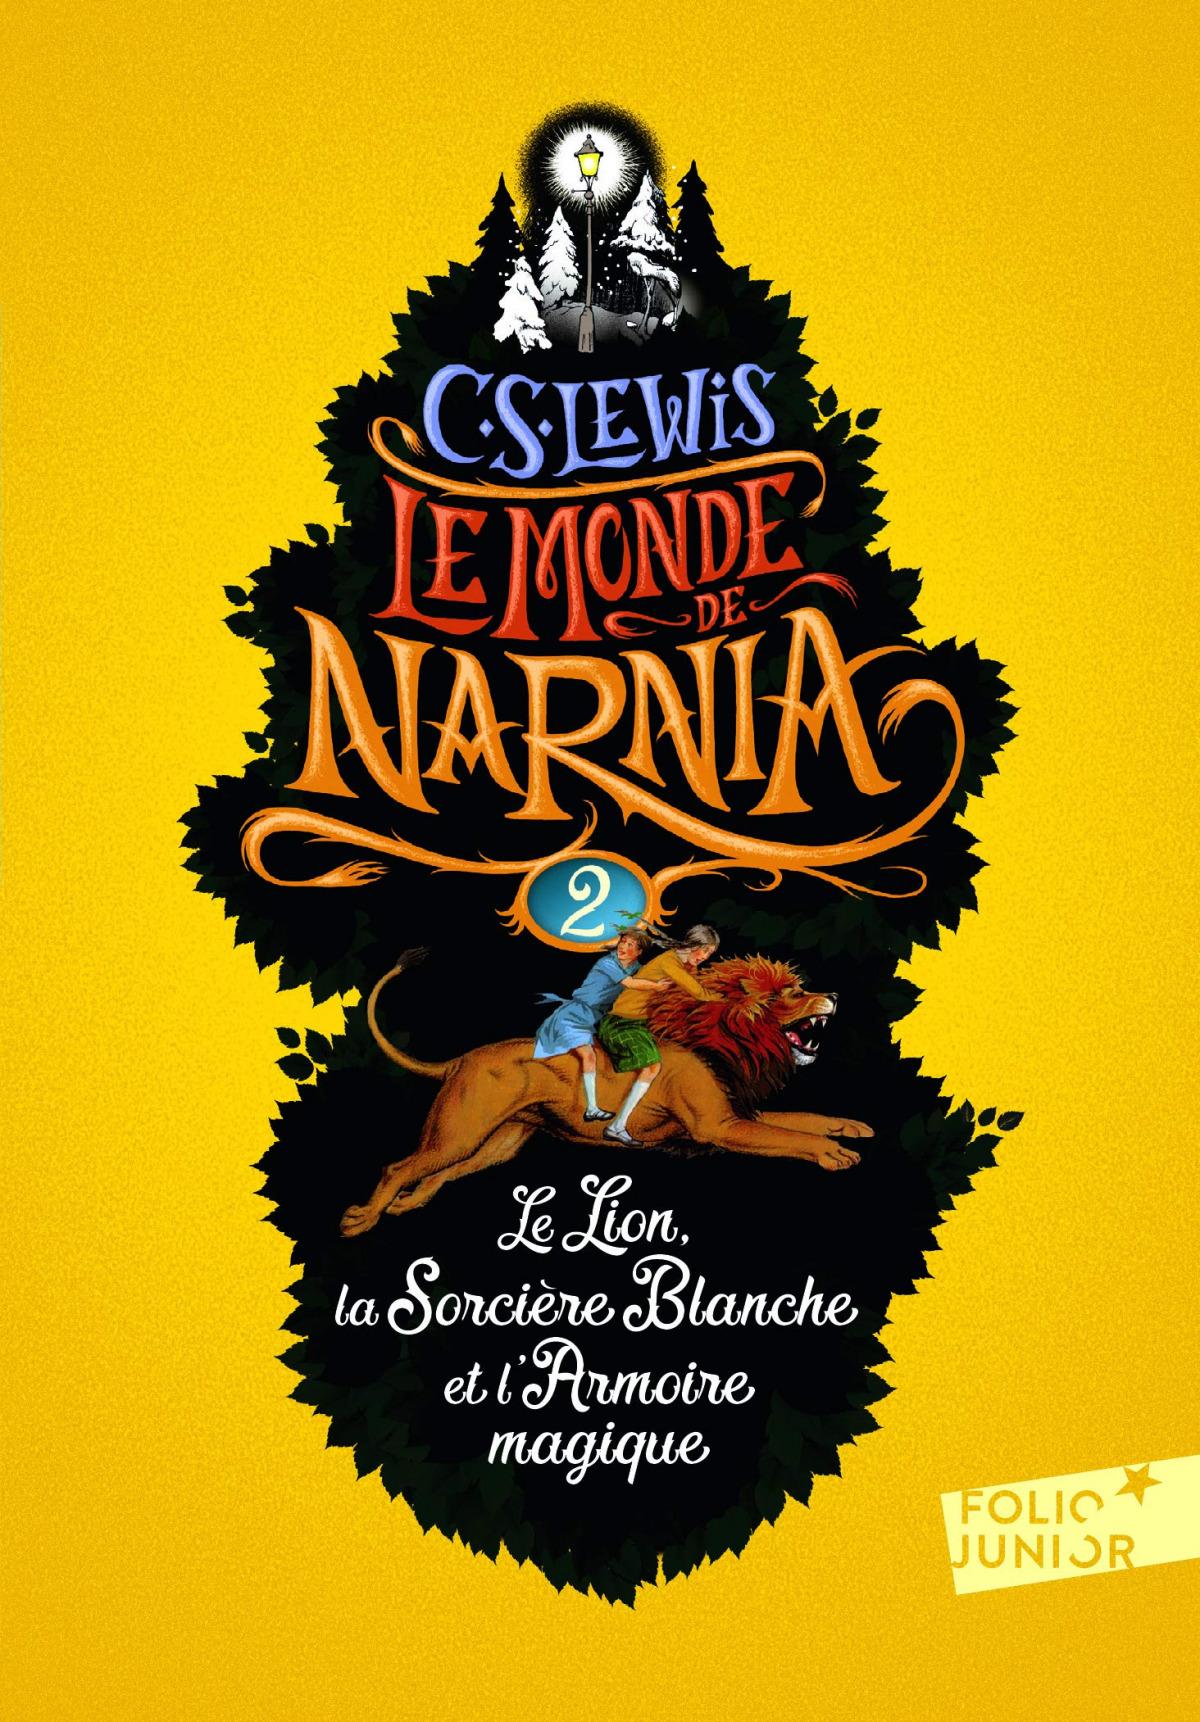 Le Monde de Narnia Tome 2